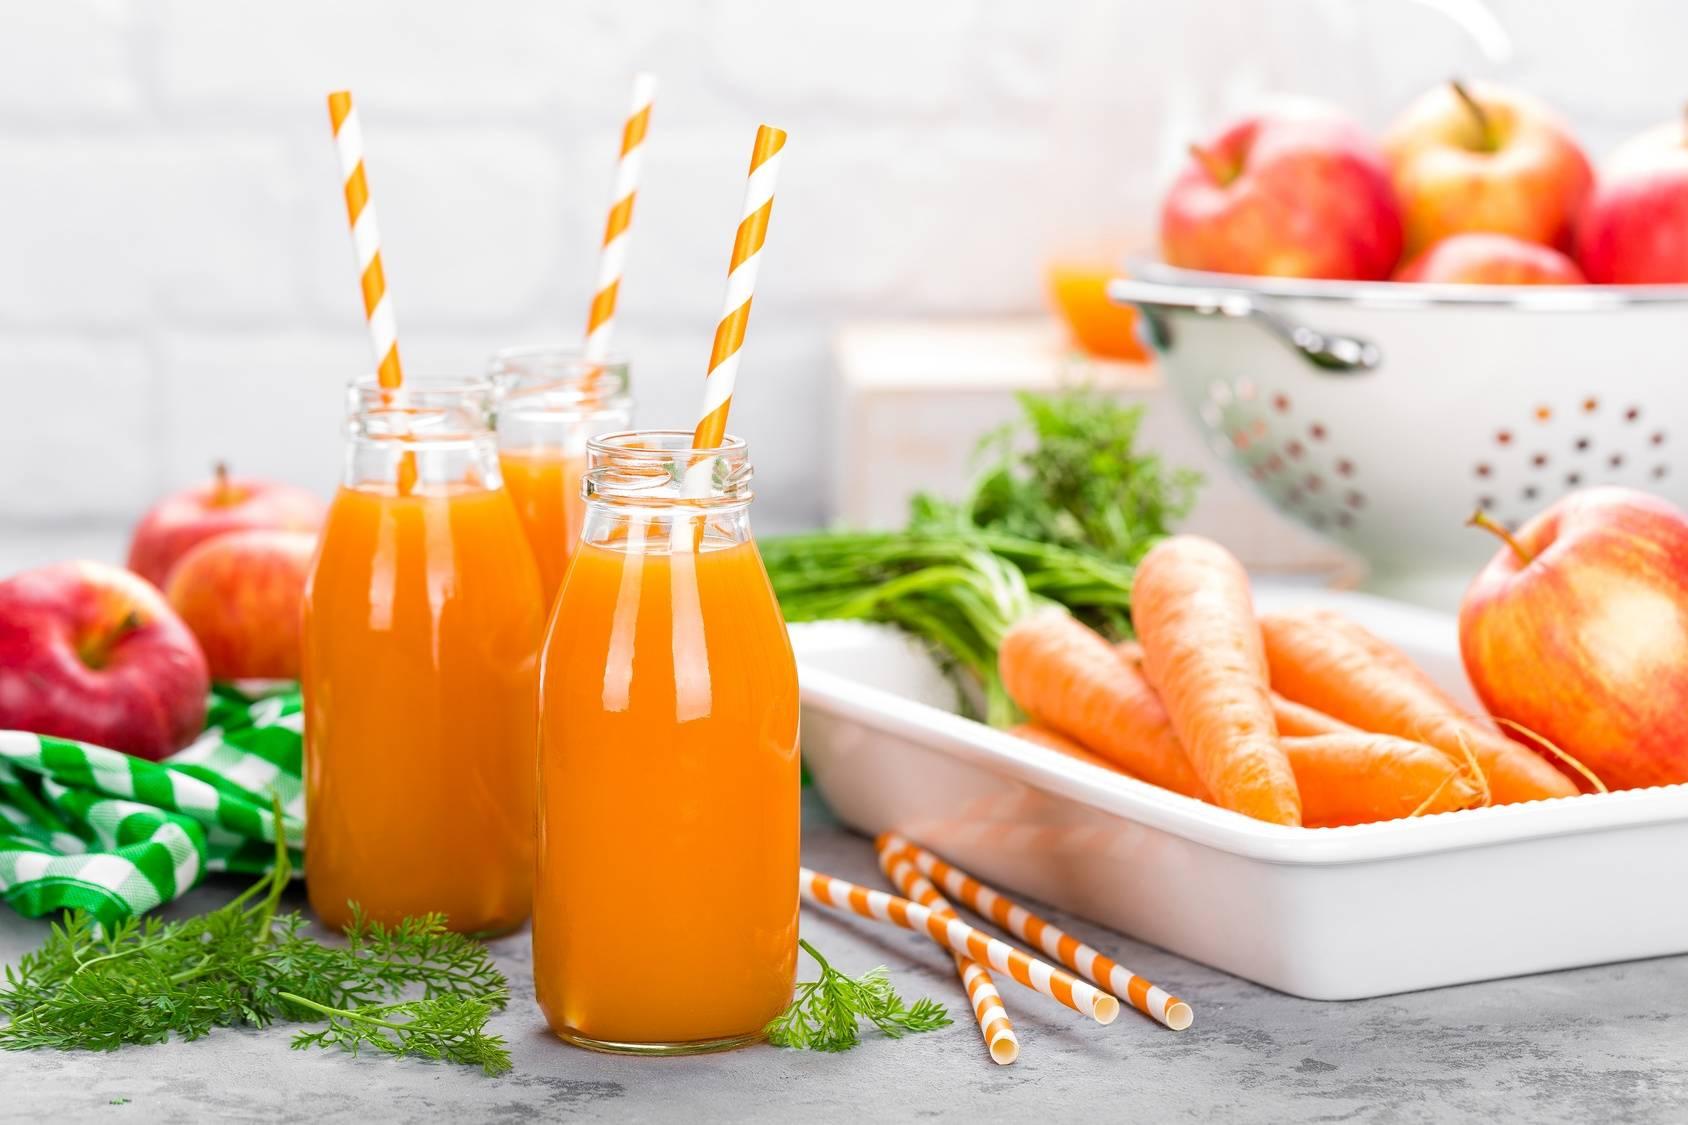 Co dziecko powinno pić podczas przeziębienia? Sok z marchewki.